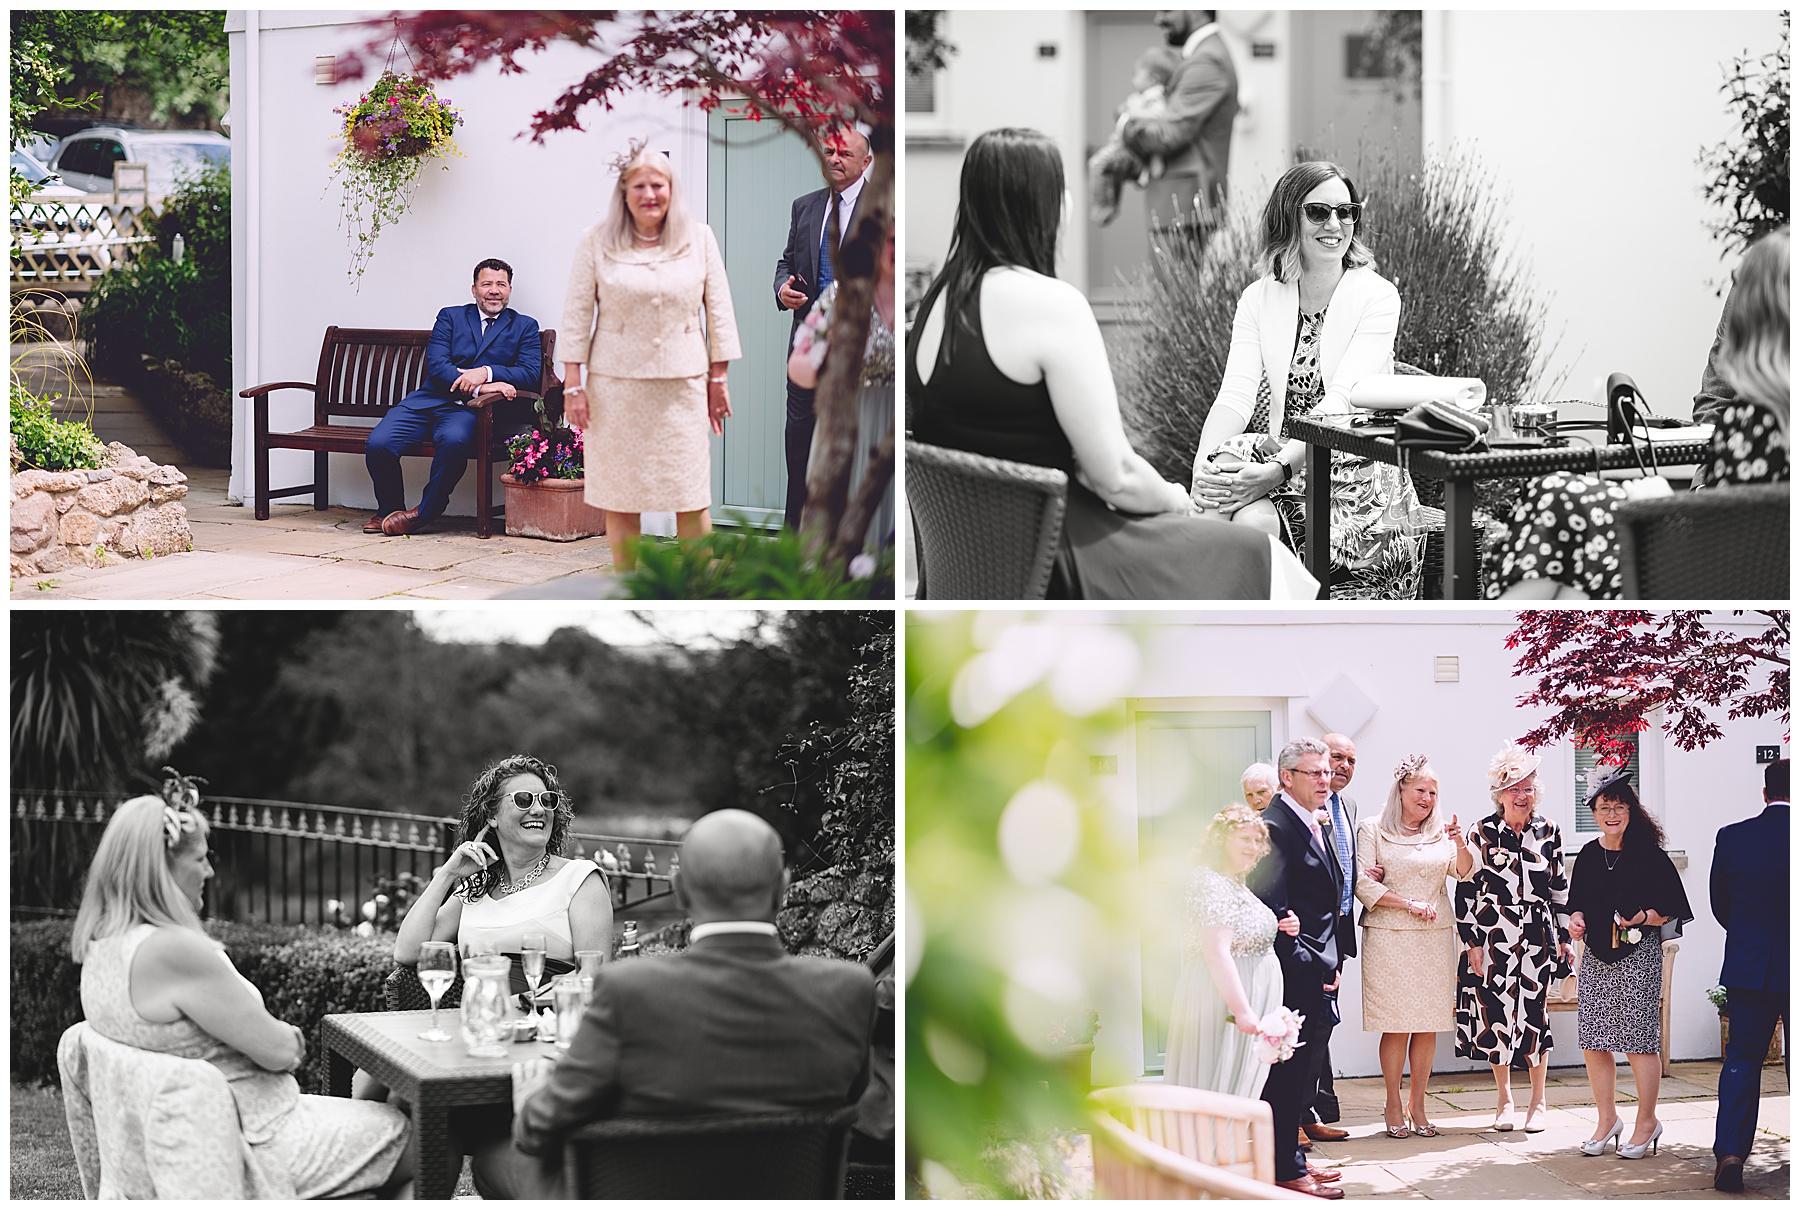 Wedding Guests at King Arthur